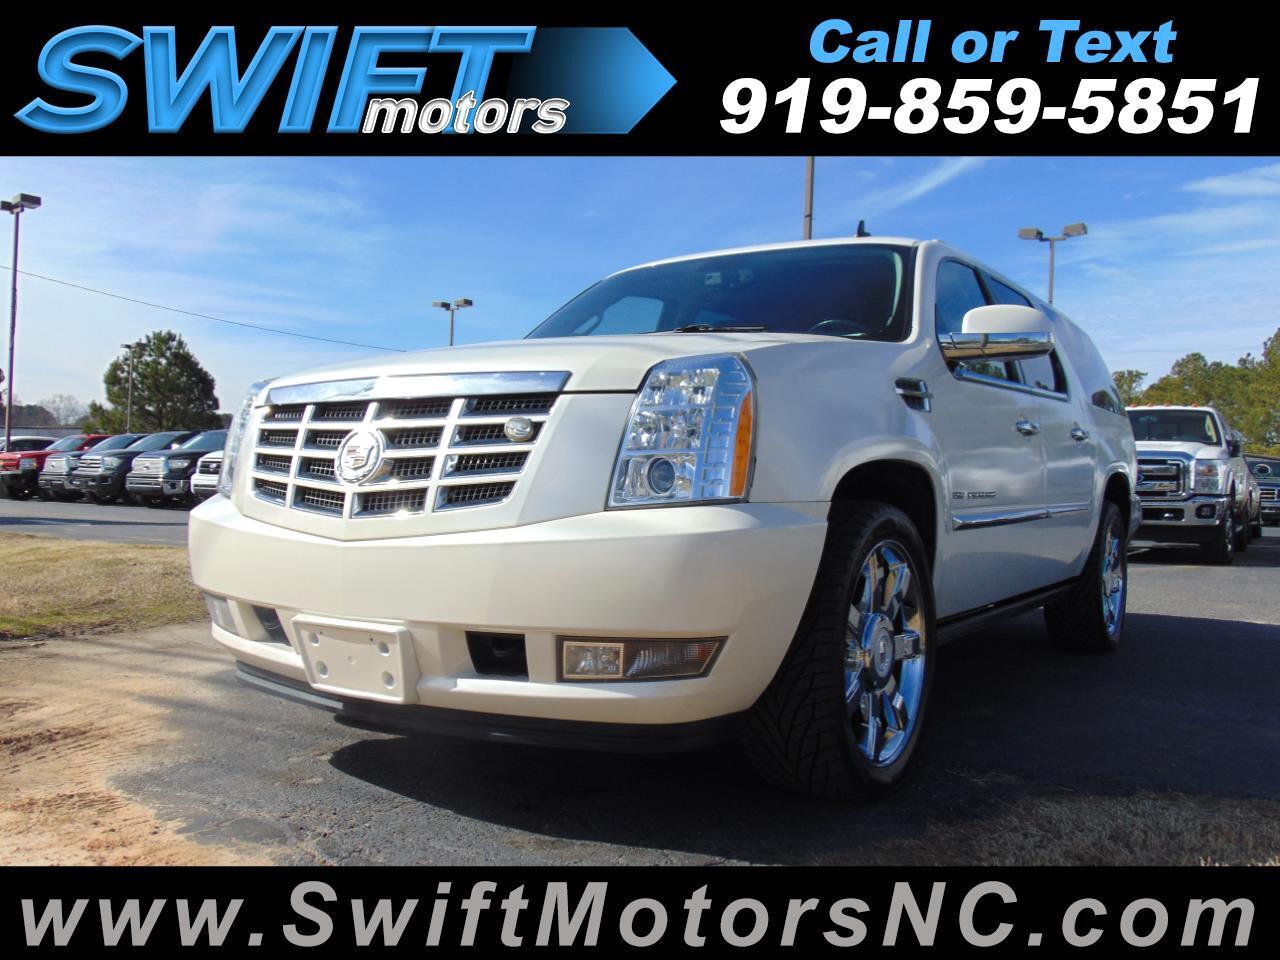 2010 Cadillac Escalade ESV AWD 4dr Premium